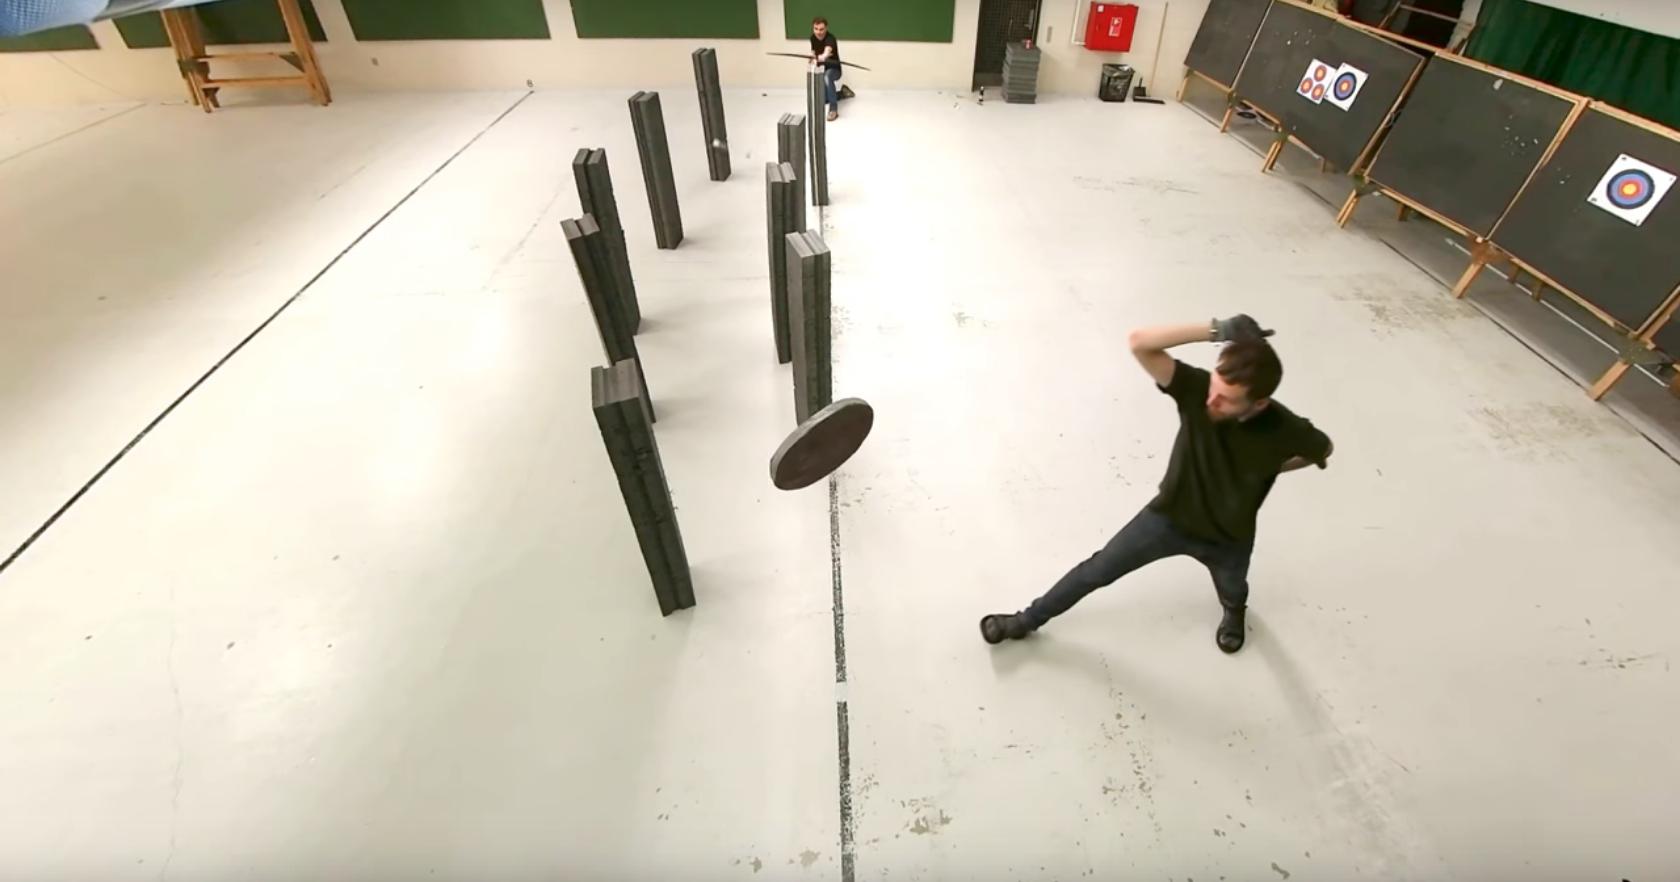 Может ли стрела обогнуть препятствие во время полета?